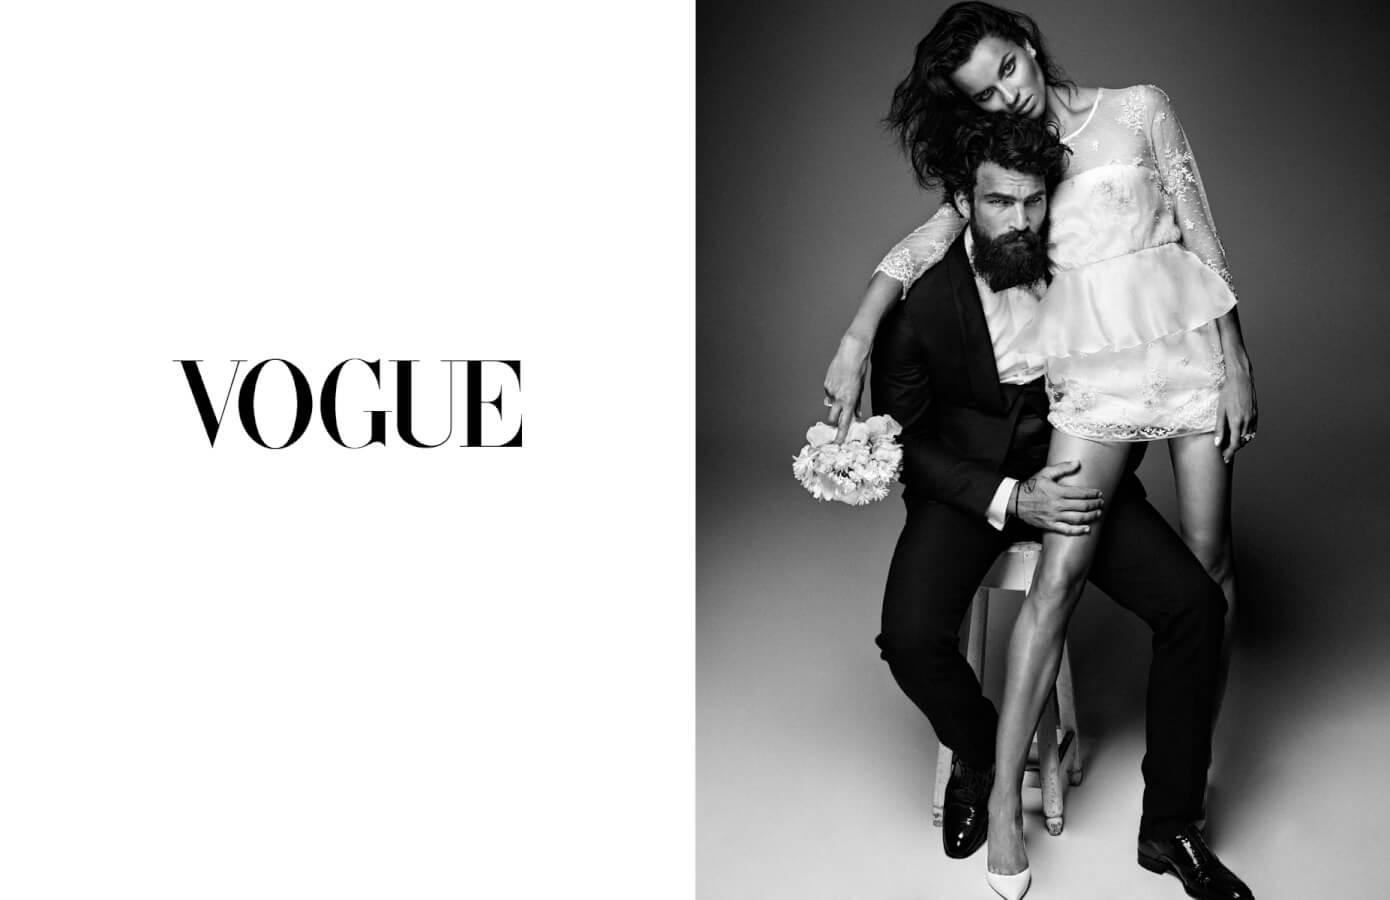 02_Alvaro_Beamud_Cortes_Vogue_Spain_Bridal